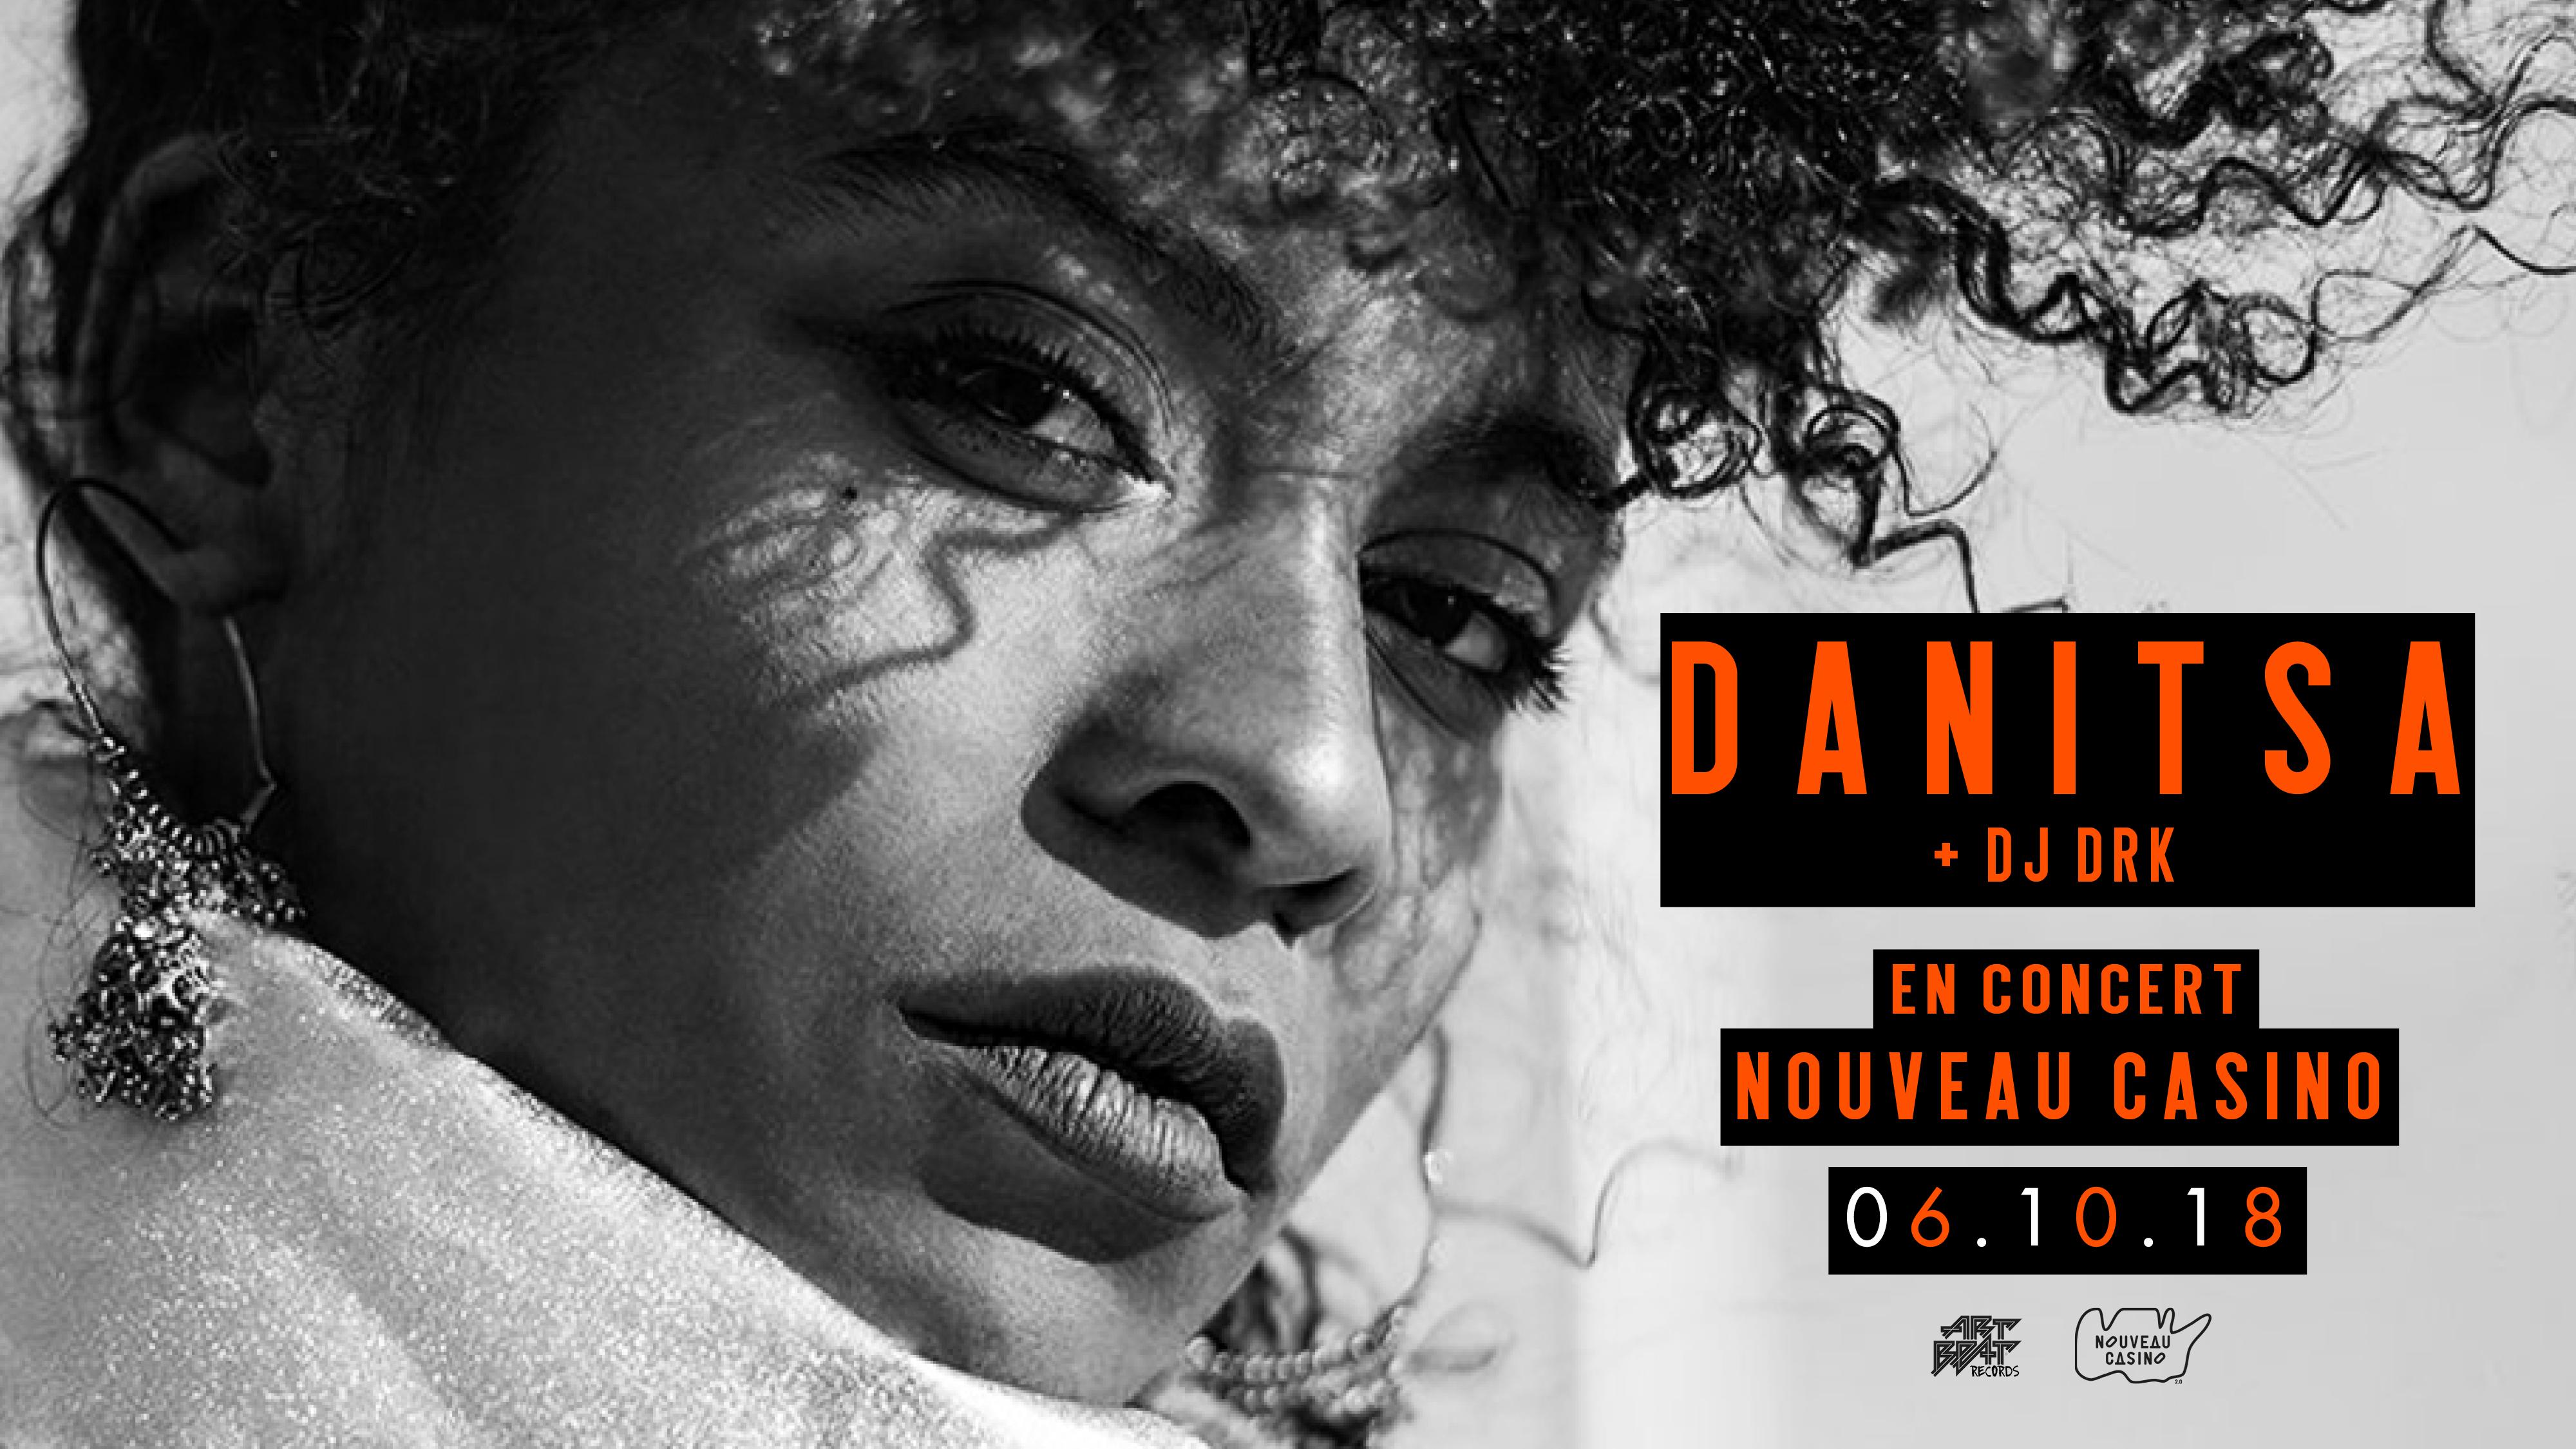 Danitsa – Nouveau Casino (Paris) – 6 Octobre 2018